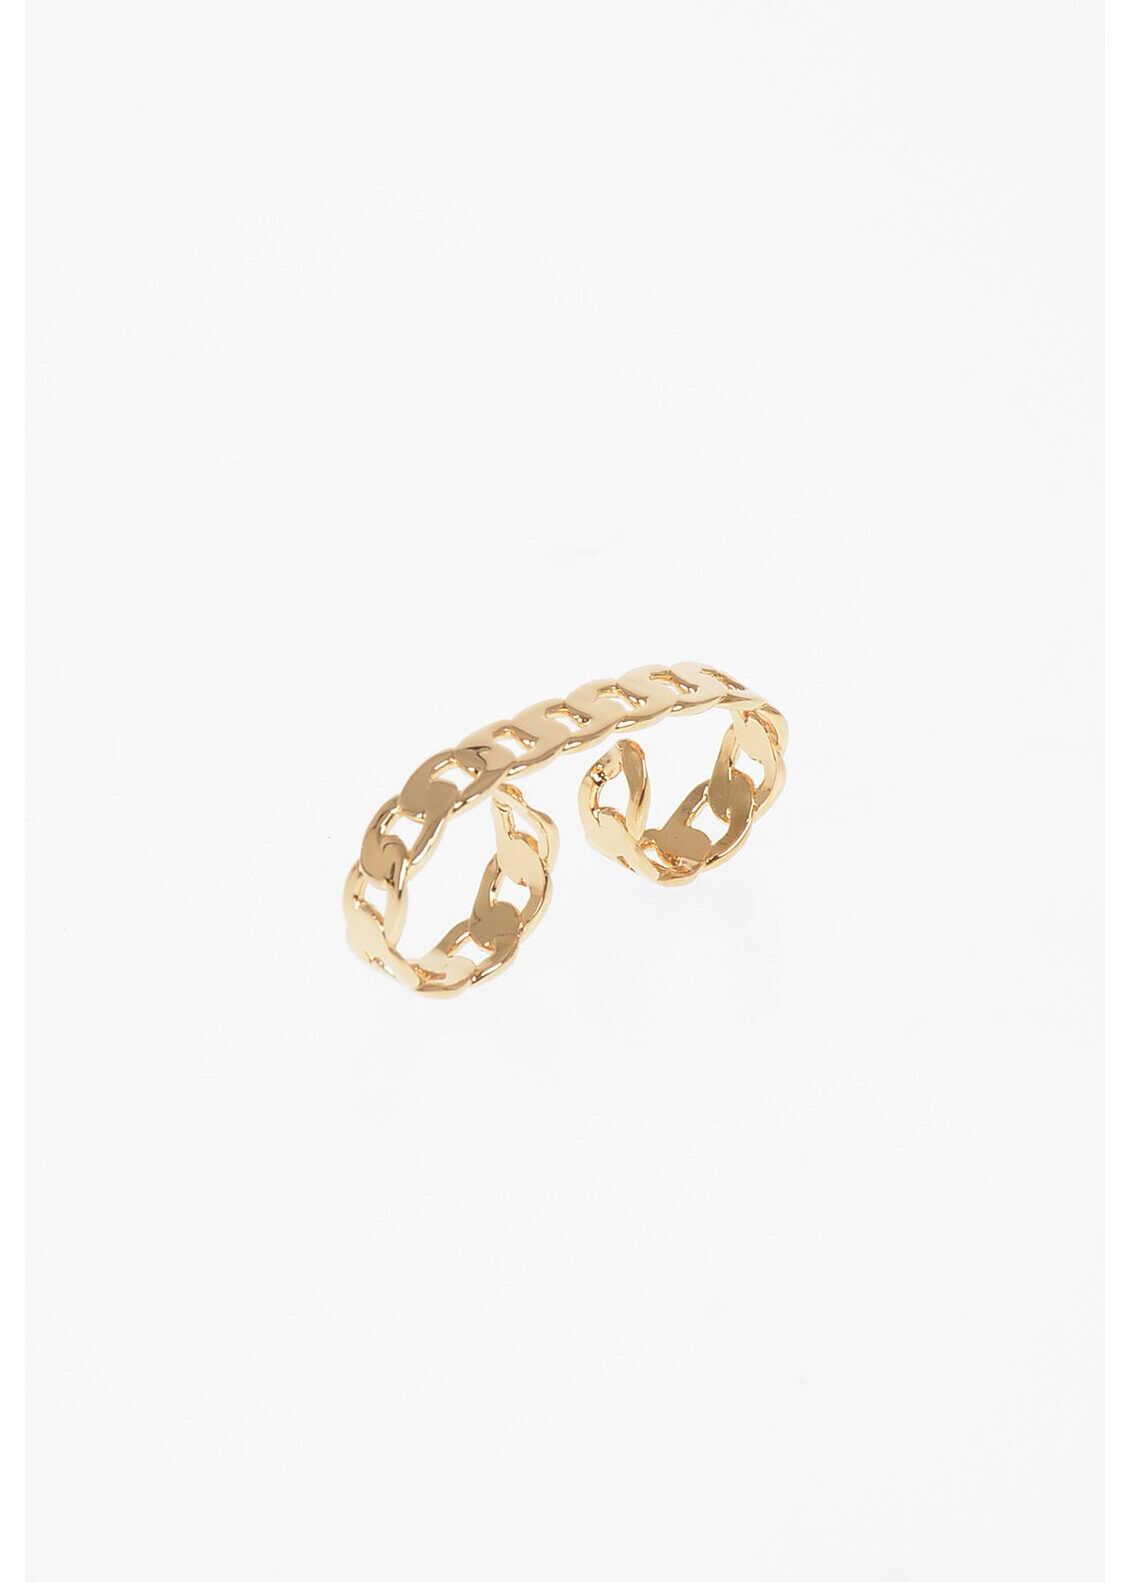 Maison Margiela MM11 Double Ring GOLD